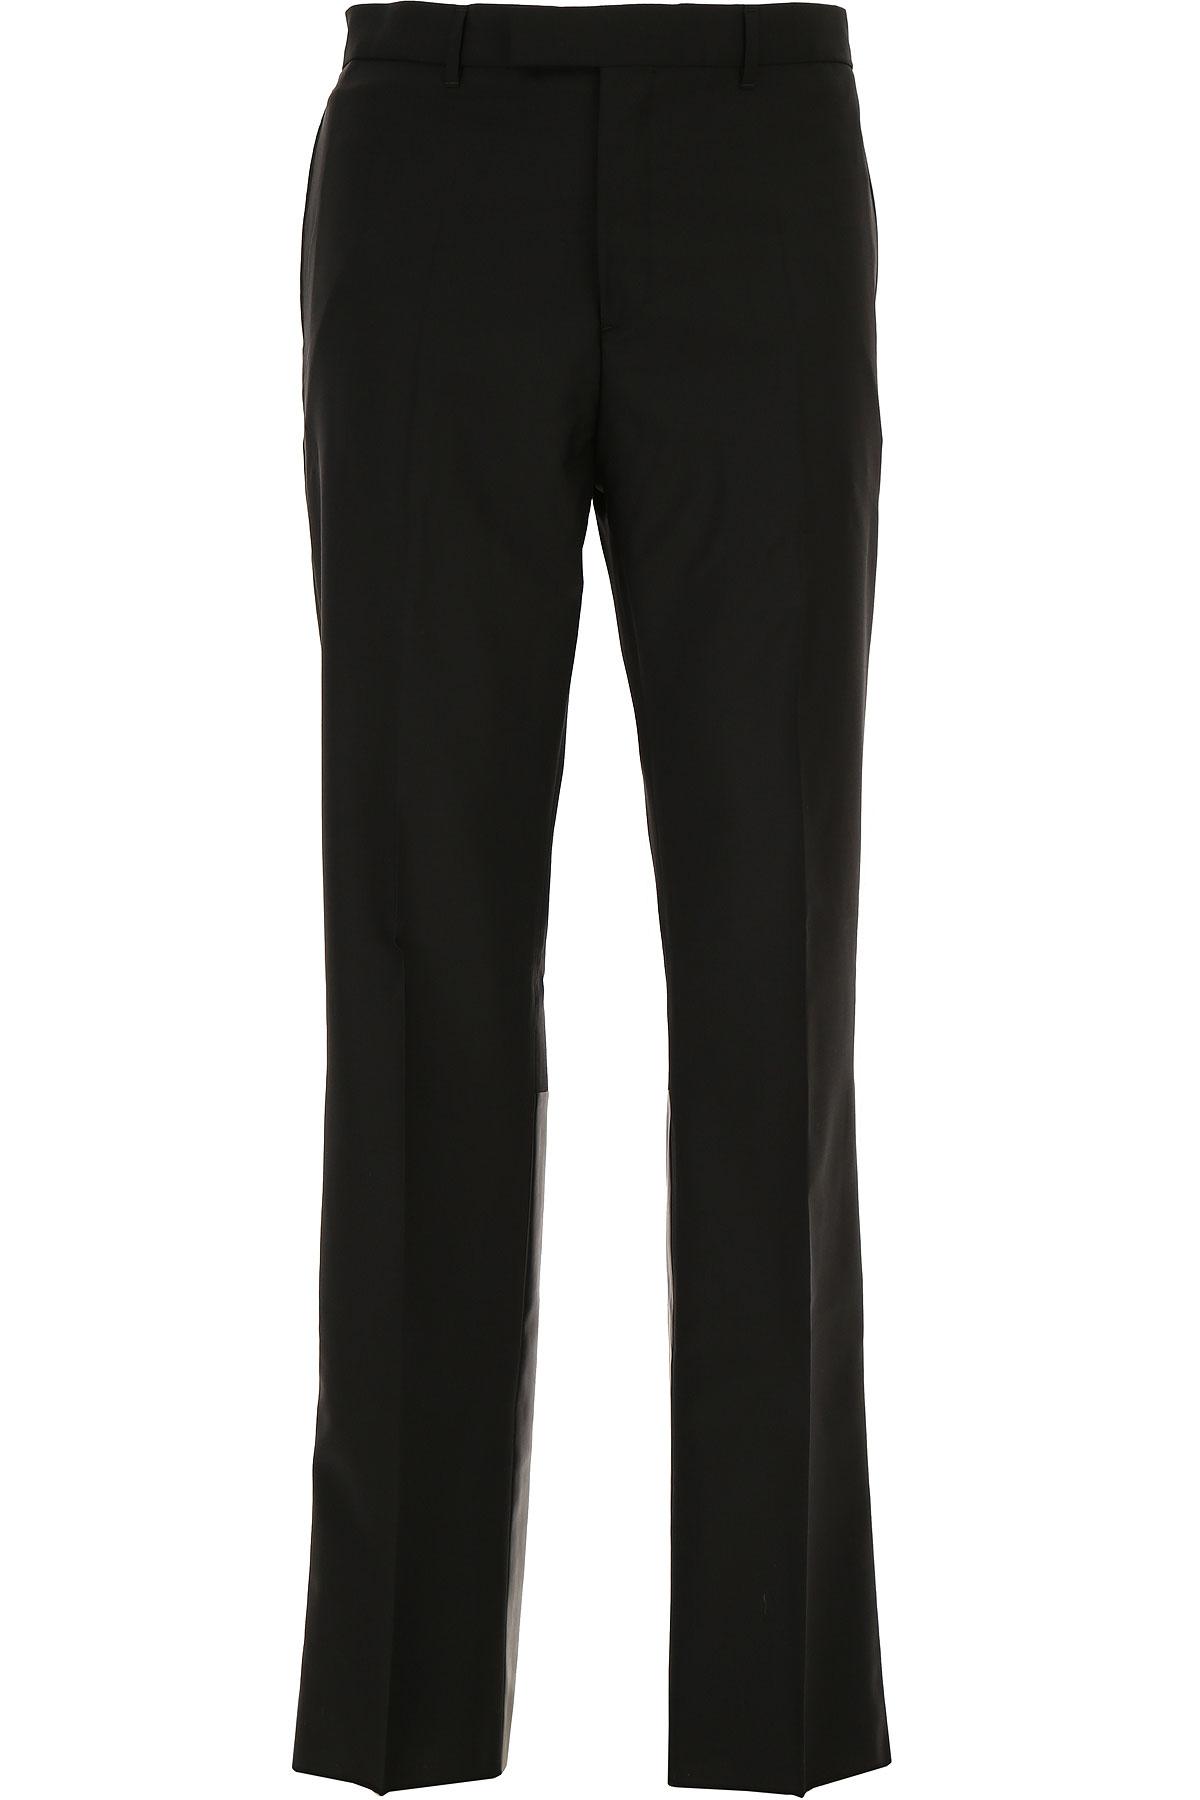 Valentino Pantalon Homme Pas cher en Soldes Outlet, Noir, Laine, 2017, 50 L M S